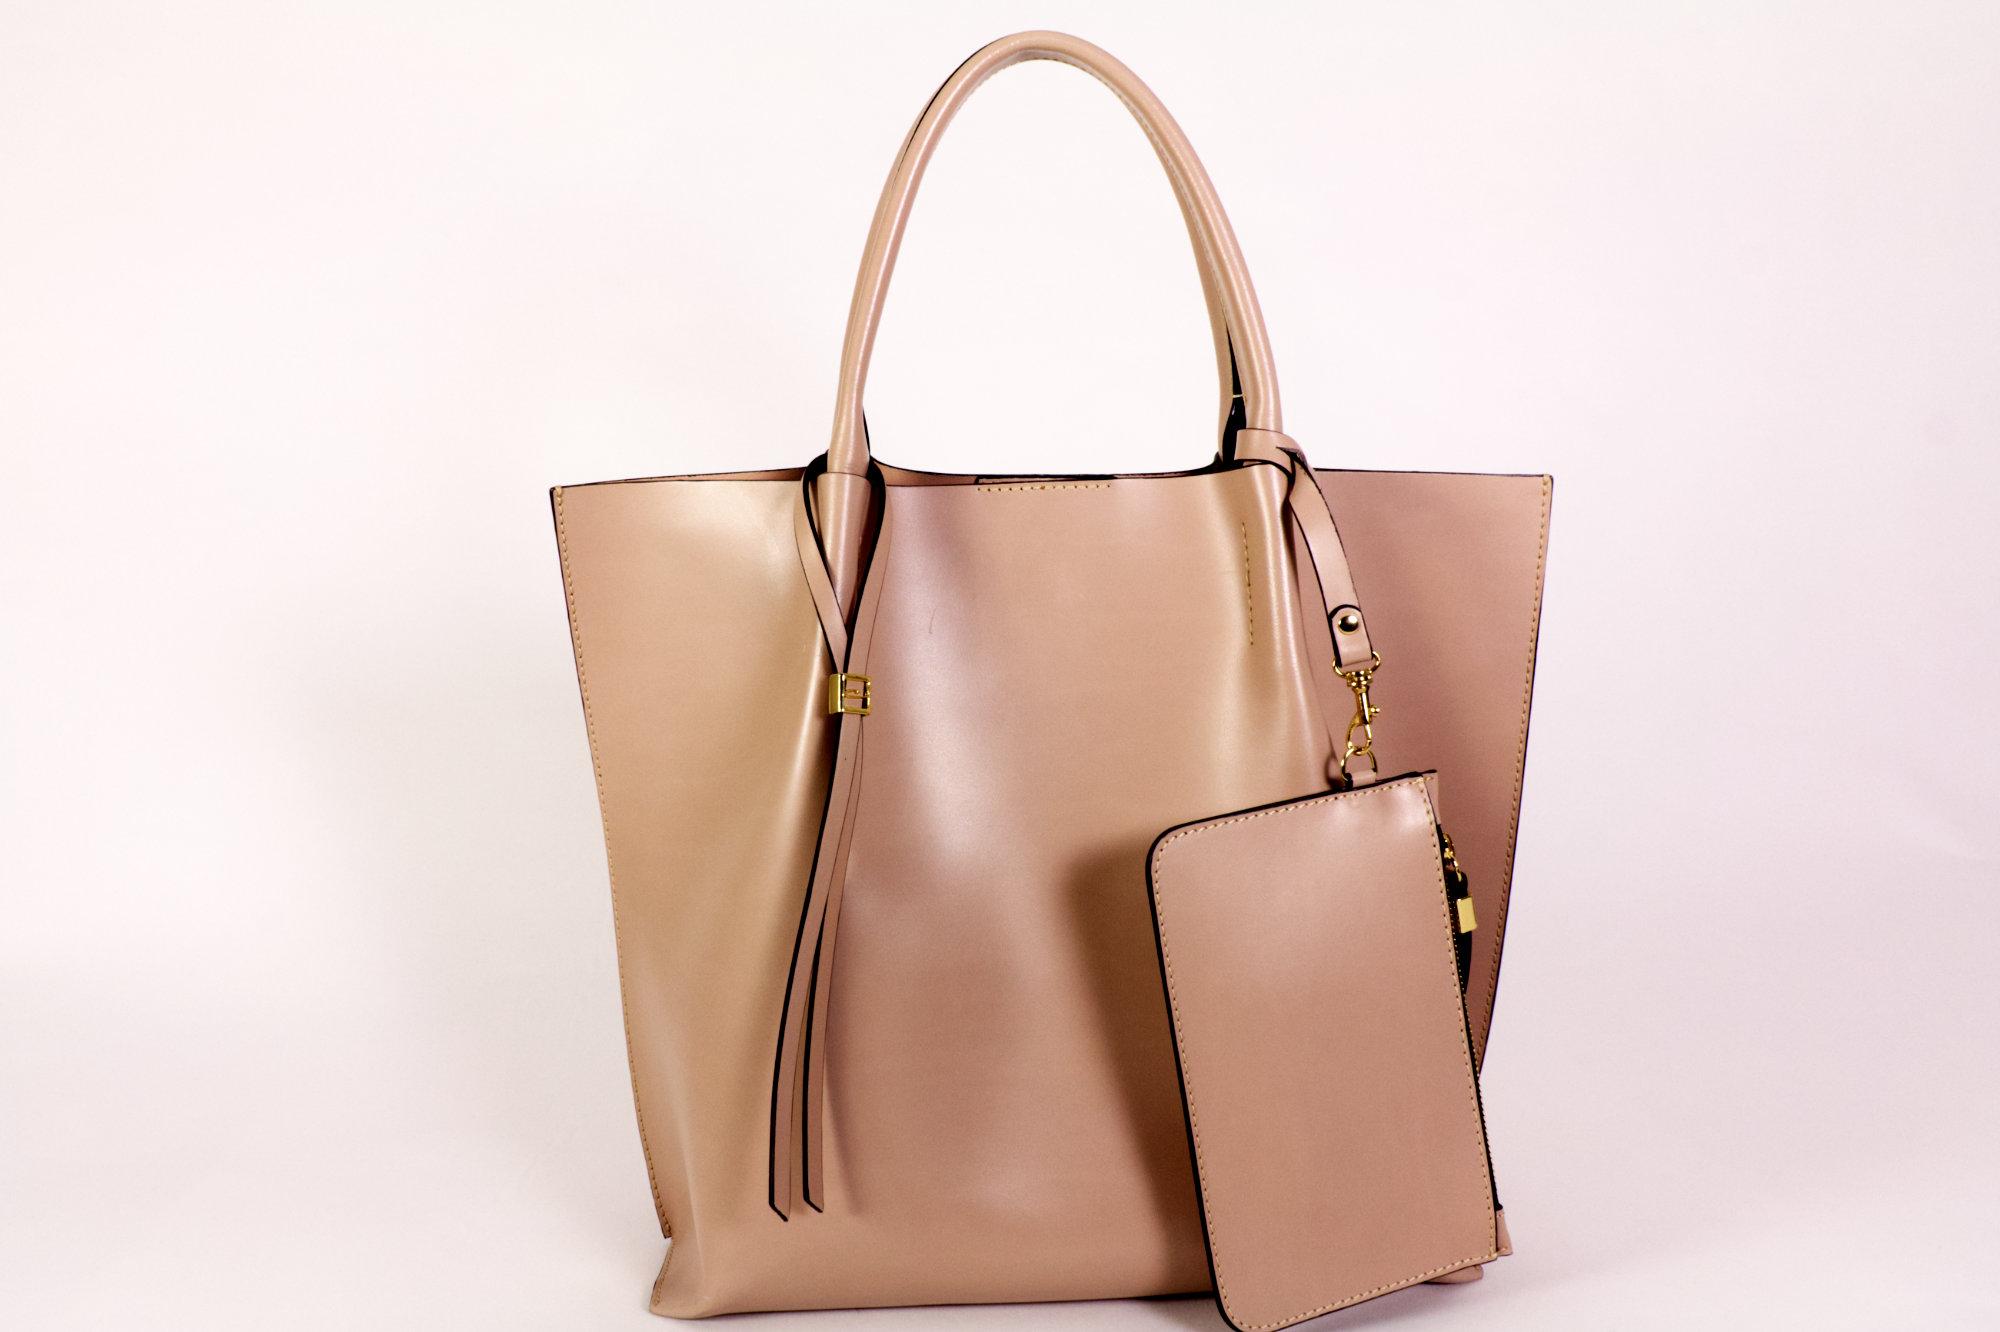 Gianni Chirini Damen Tasche beige mit Geldboerse